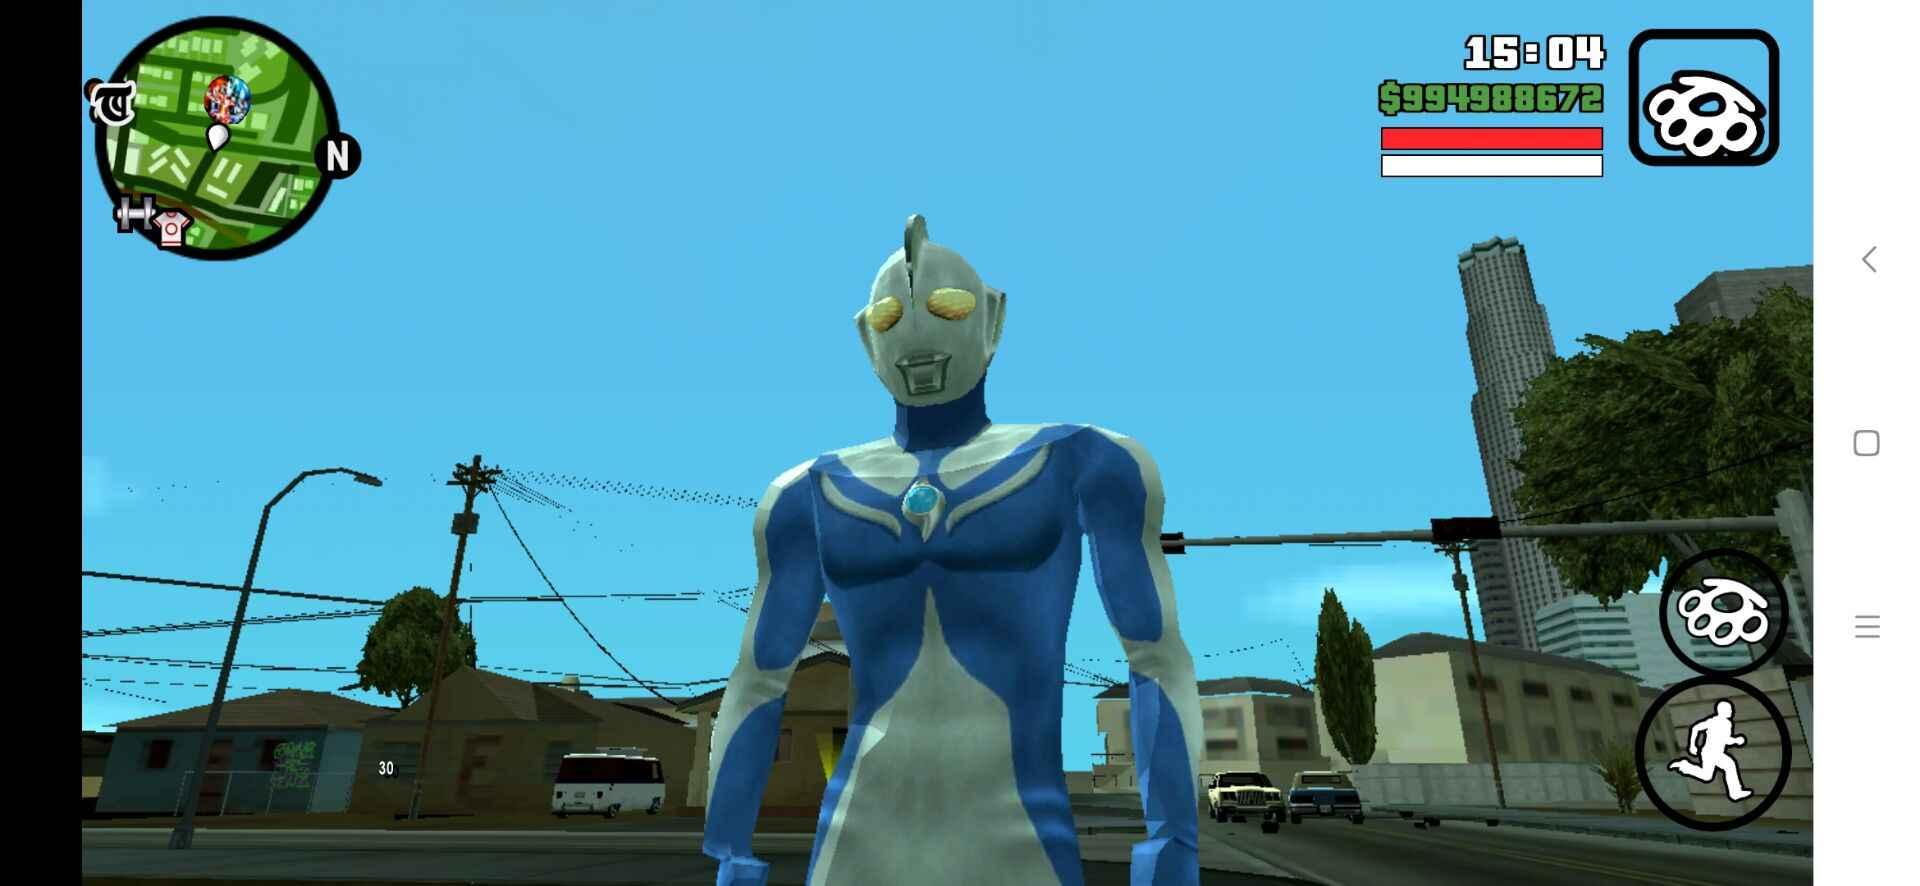 gtasa钢铁侠mod安卓版截图4